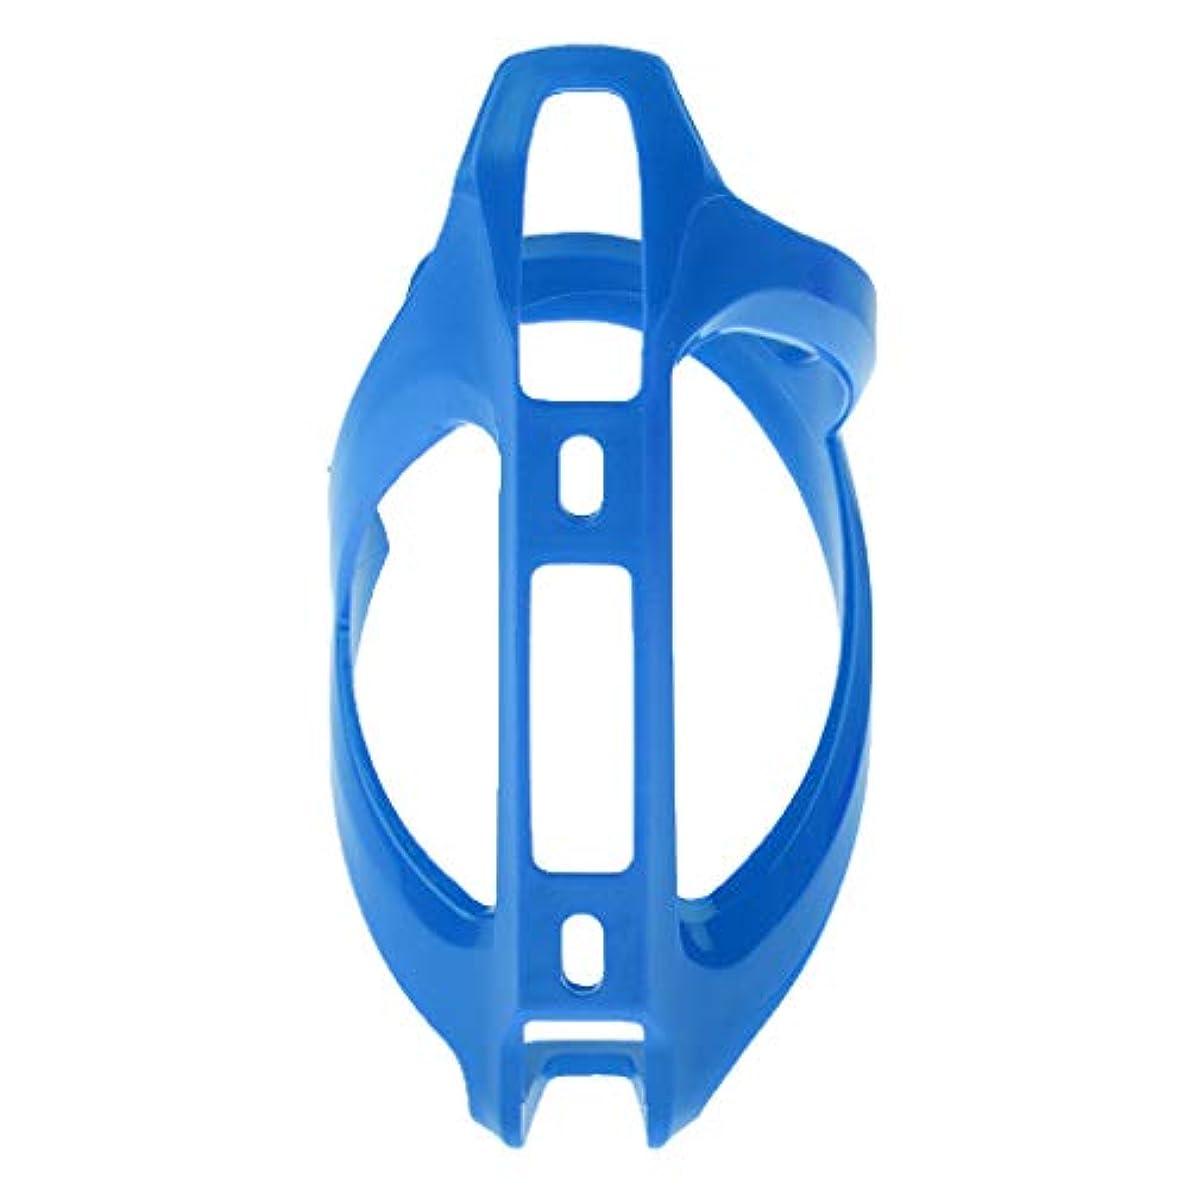 凝視証明書中世のchiwanji 自転車ボトルホルダー ボトルケージ ボトル固定 調節可能 インストール簡単 耐久性 実用性 全6色